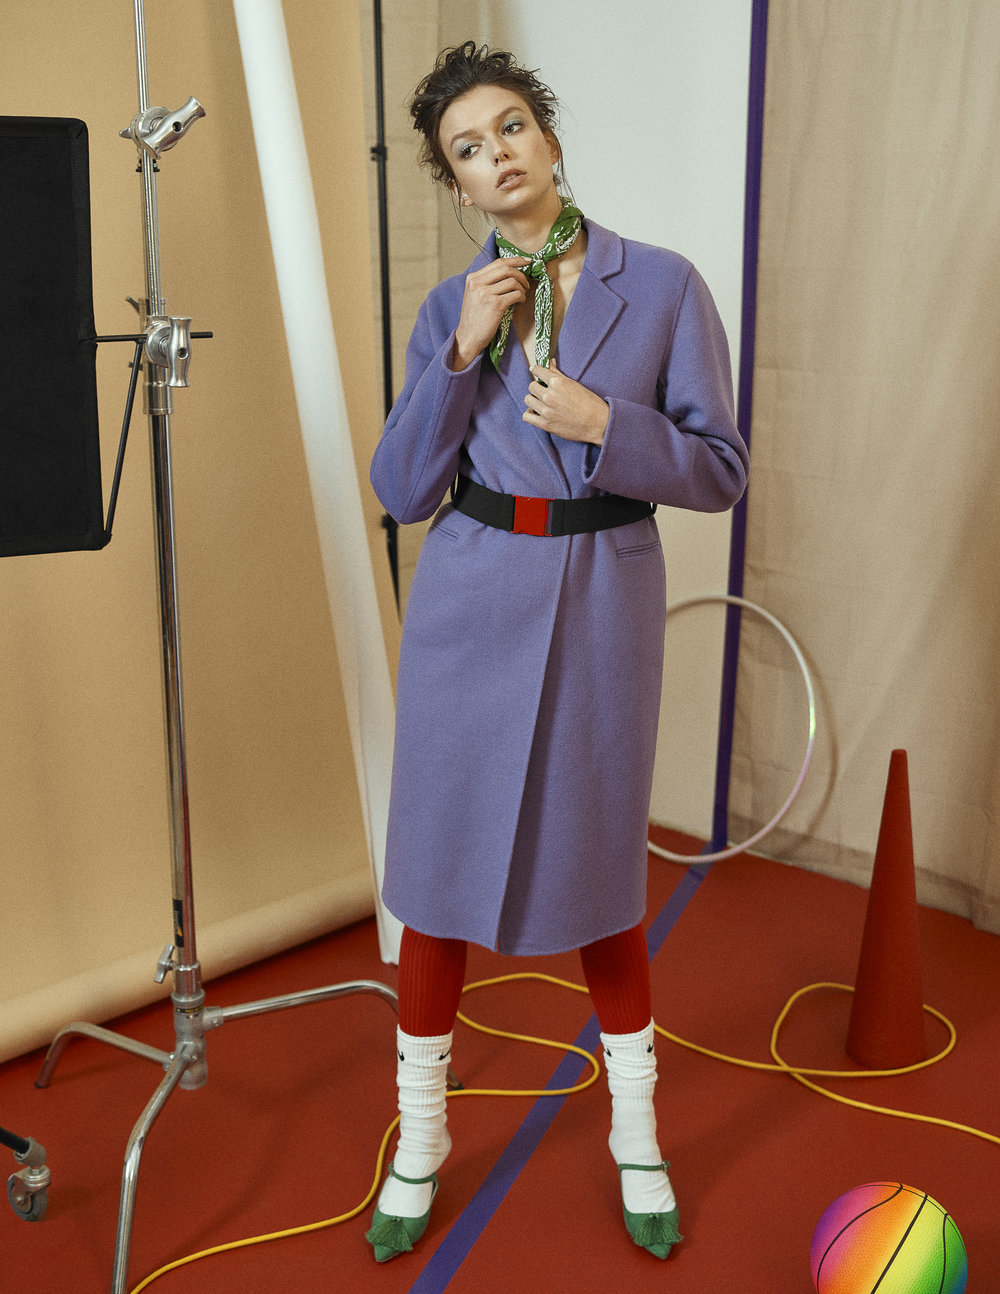 Toronto Fashion Headshots Photographer